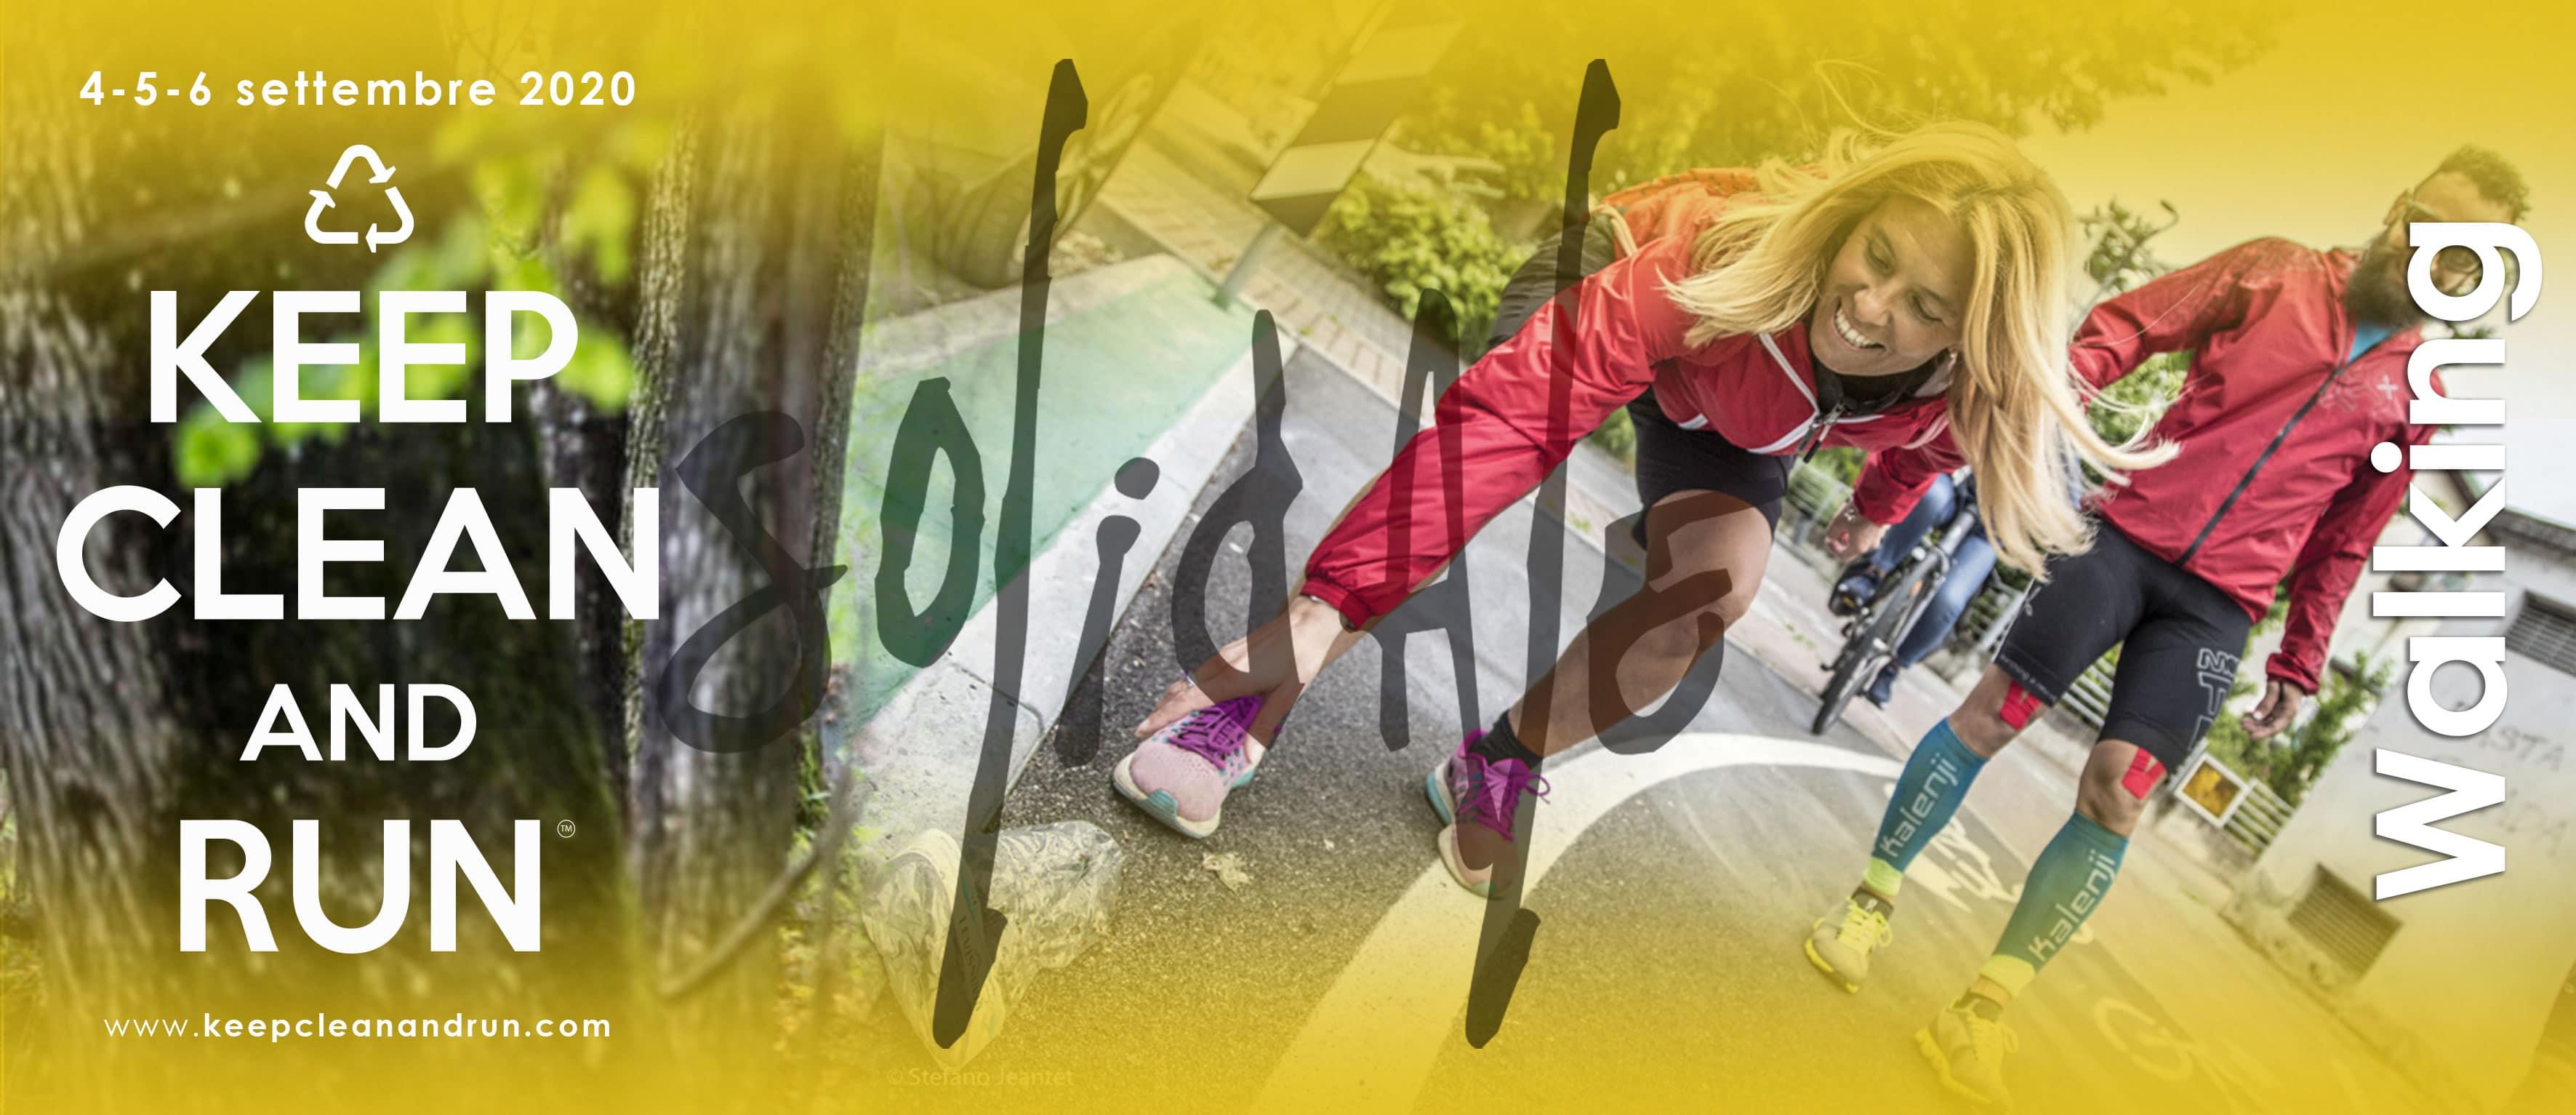 Al via dal 4 al 6 settembre il primo campionato di plogging. Greentire rinnova la partnership con Keep Clean & Run che riparte negli stessi giorni